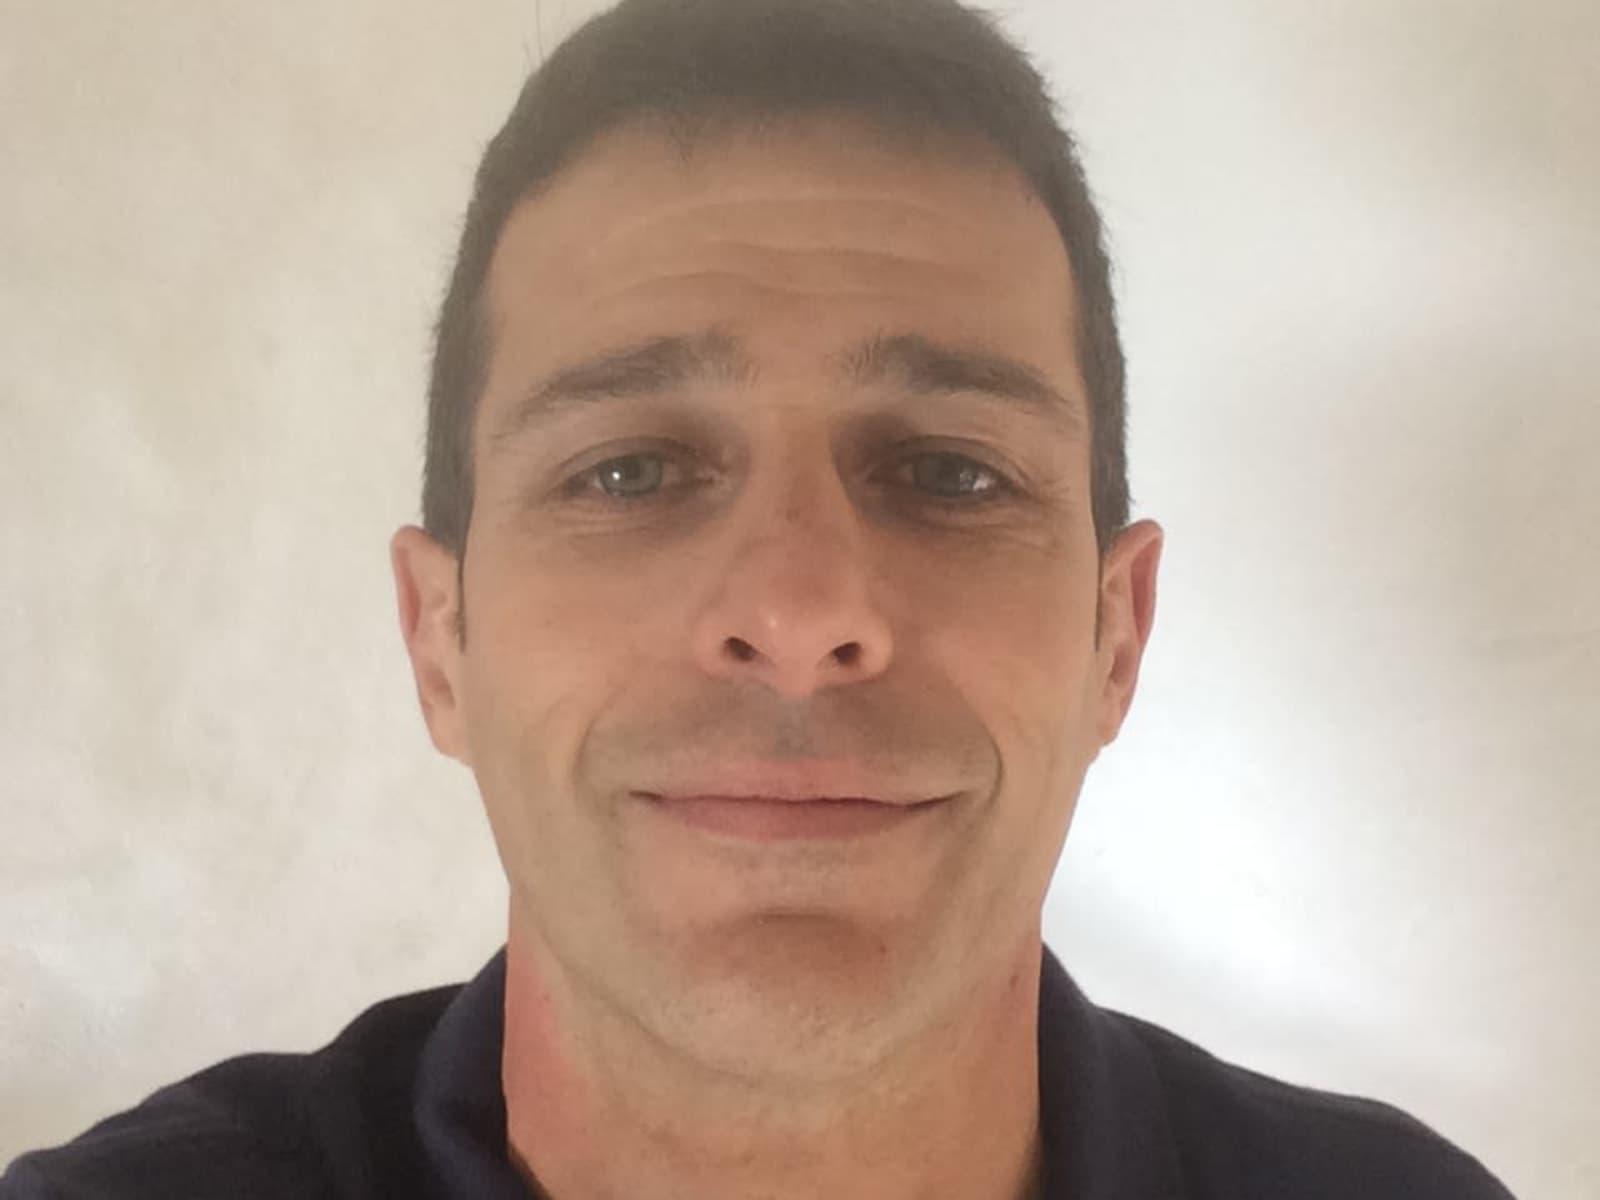 Guilherme from São Paulo, Brazil